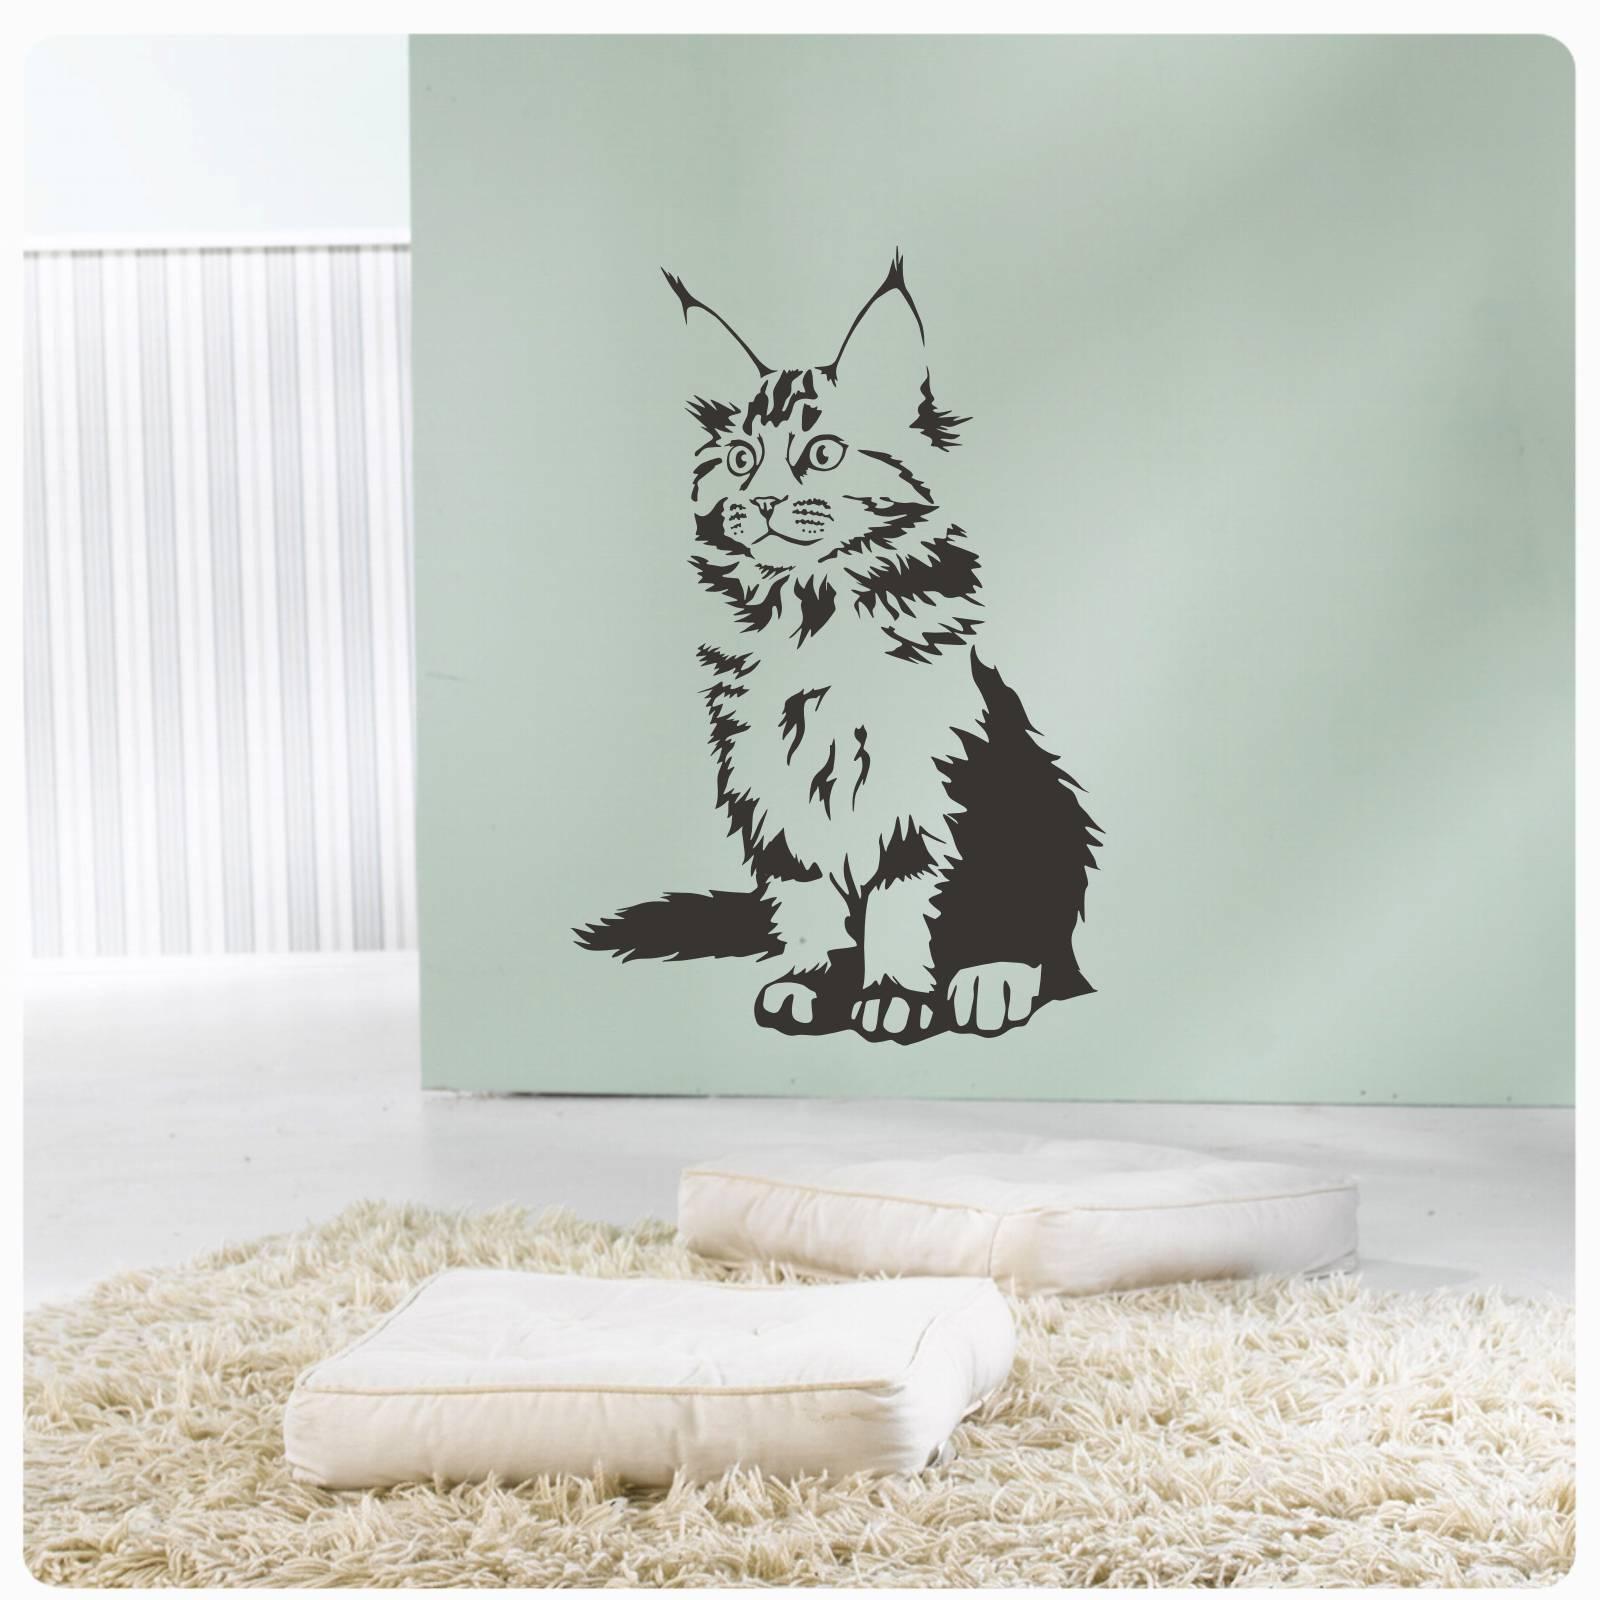 Katze Maine Coon Wandtattoo Wandaufkleber Sticker Rassekatze W600 Ebay